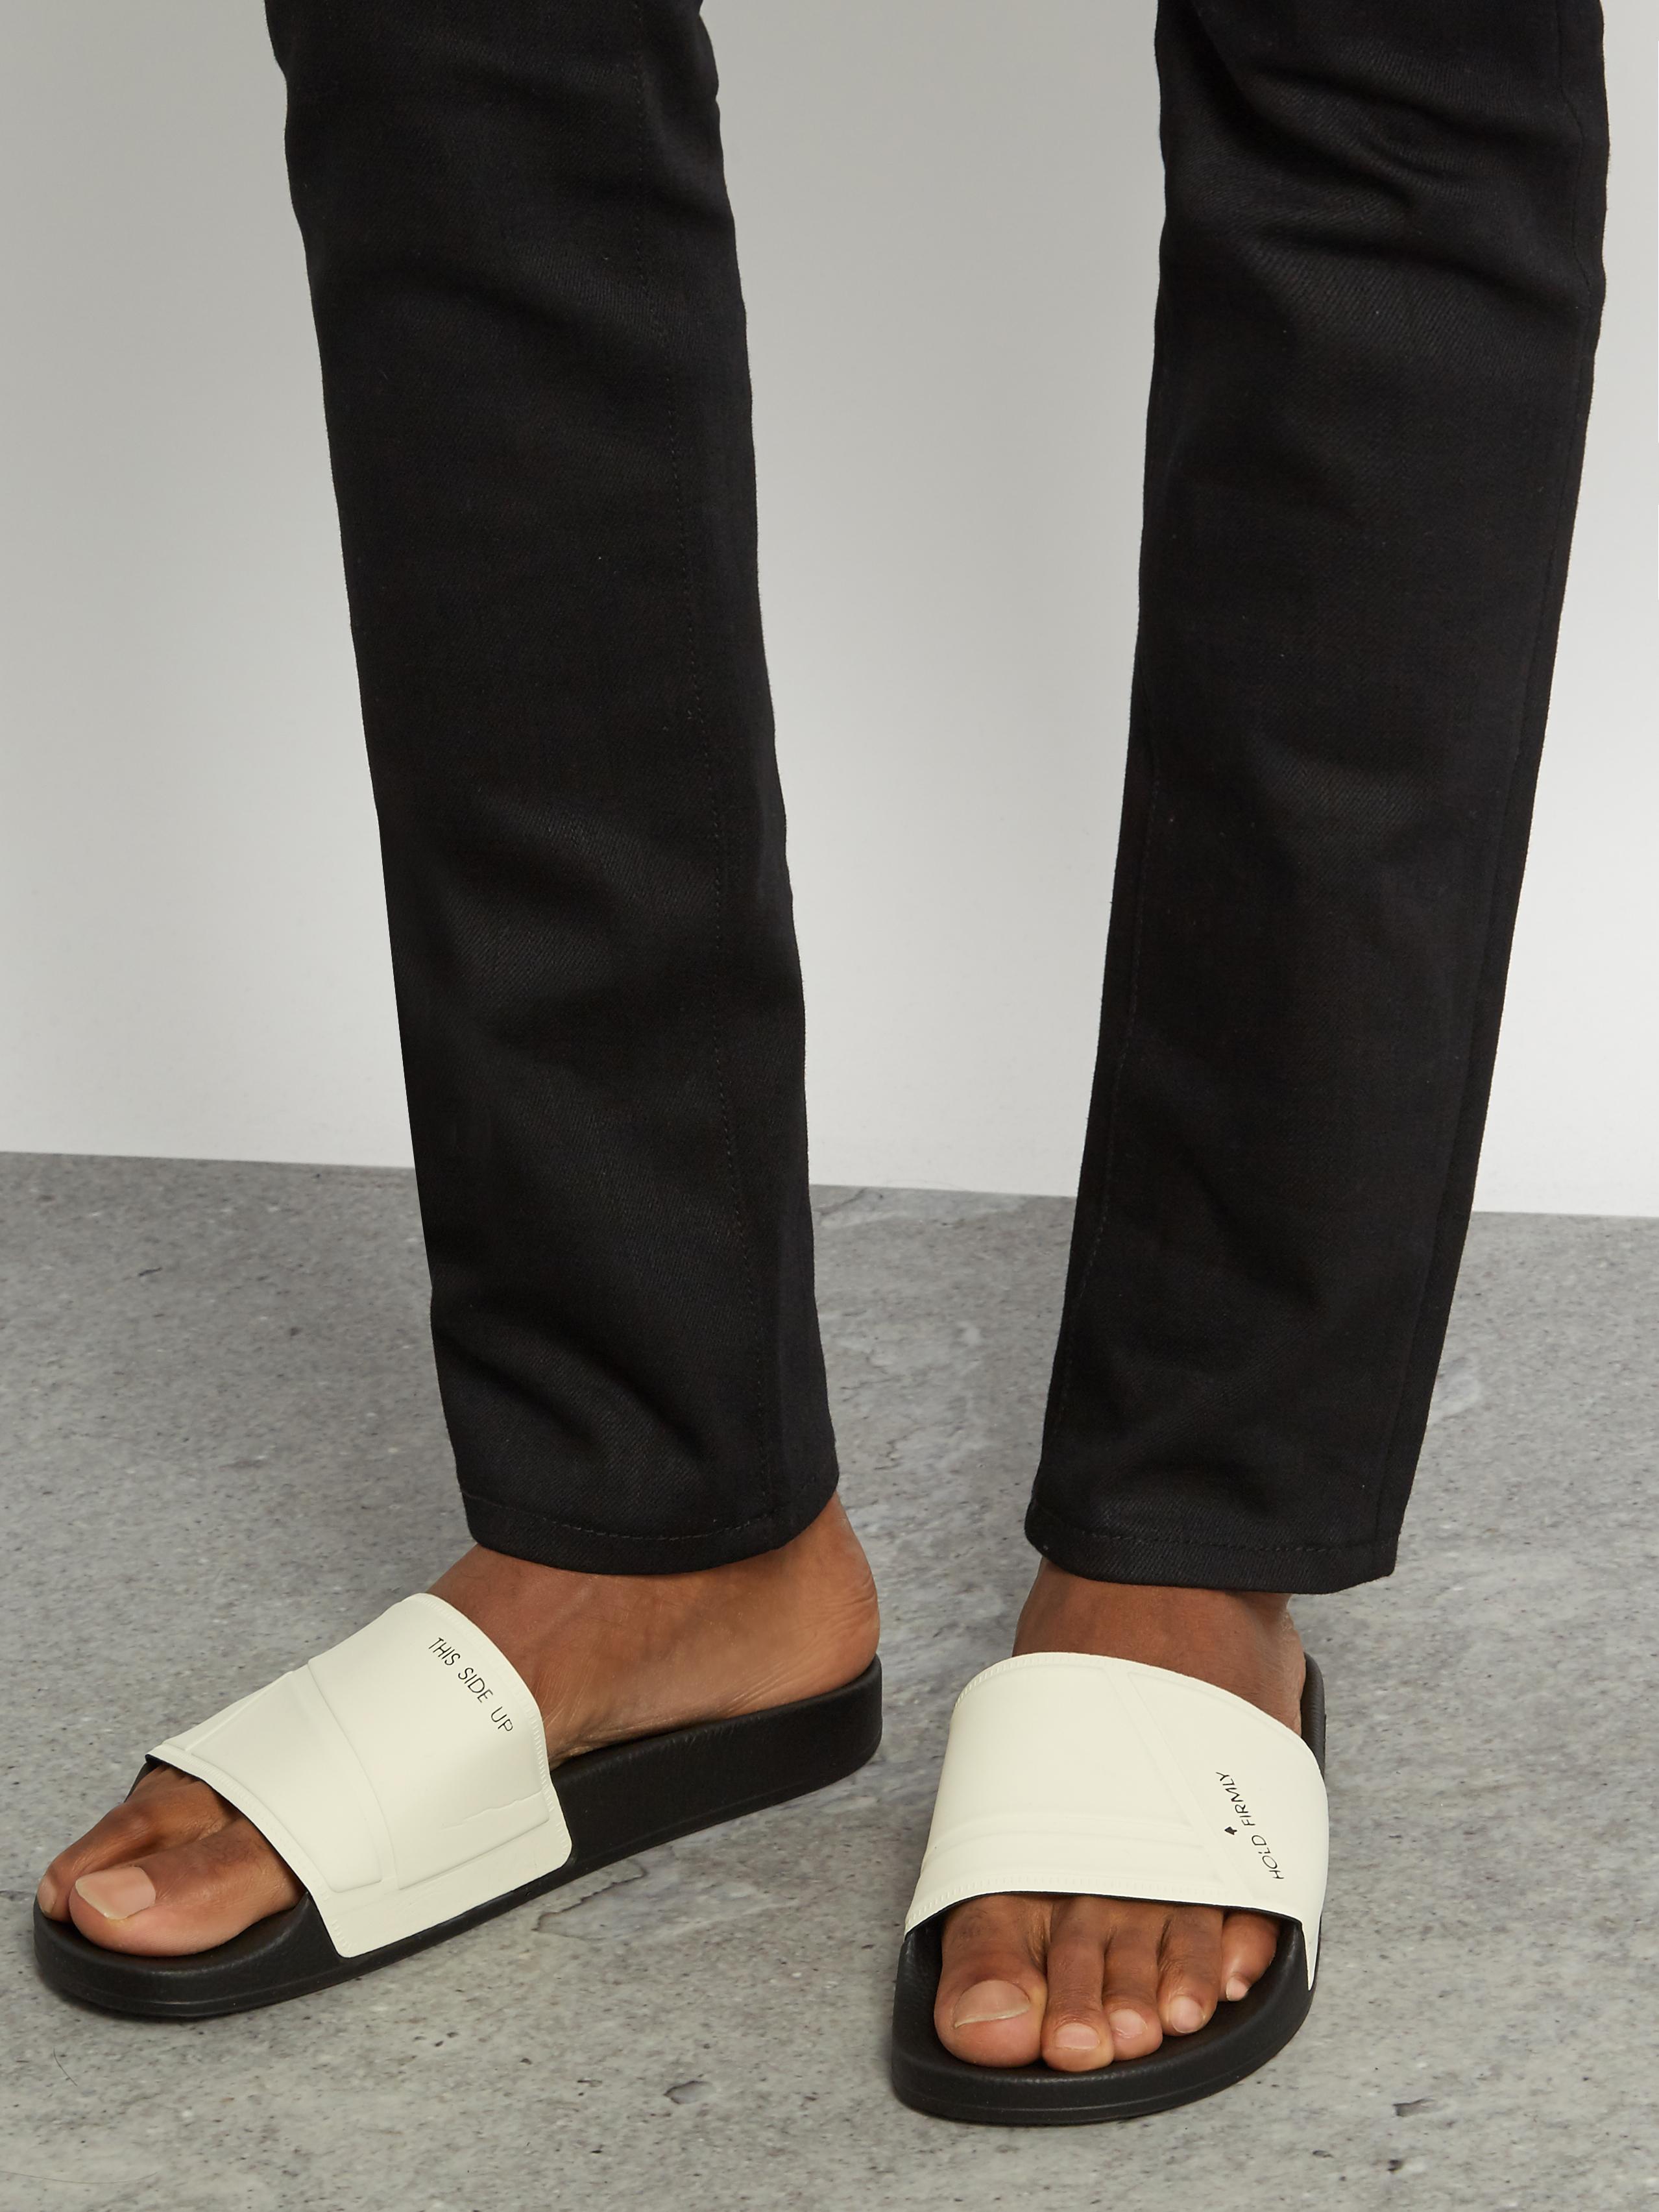 0e40146684e2 Lyst - adidas By Raf Simons Bunny Adilette Pool Slides in Black for Men